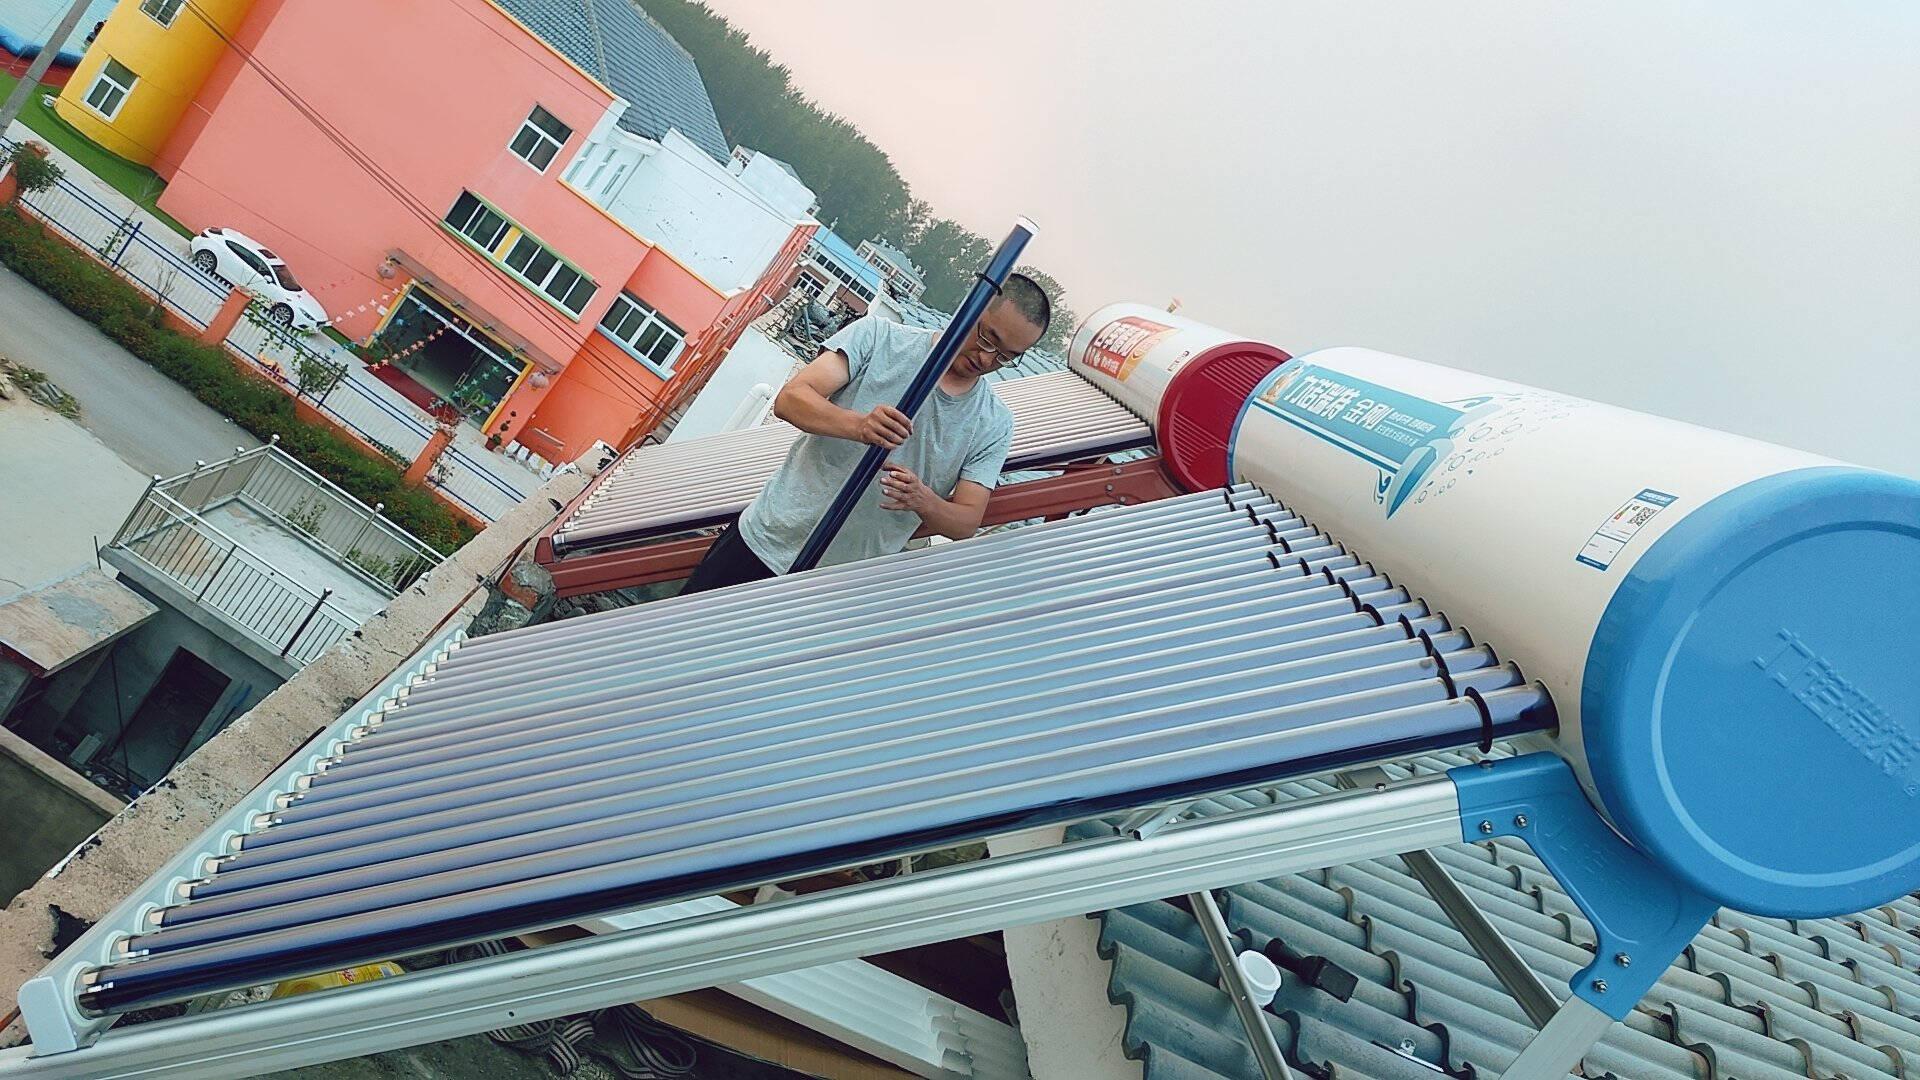 力诺瑞特金刚太阳能热水器家用全自动光电两用一级能效纳米活水质保五年标配智能仪表和电辅热20管_175升_3-4人(送货入户+上门安装)